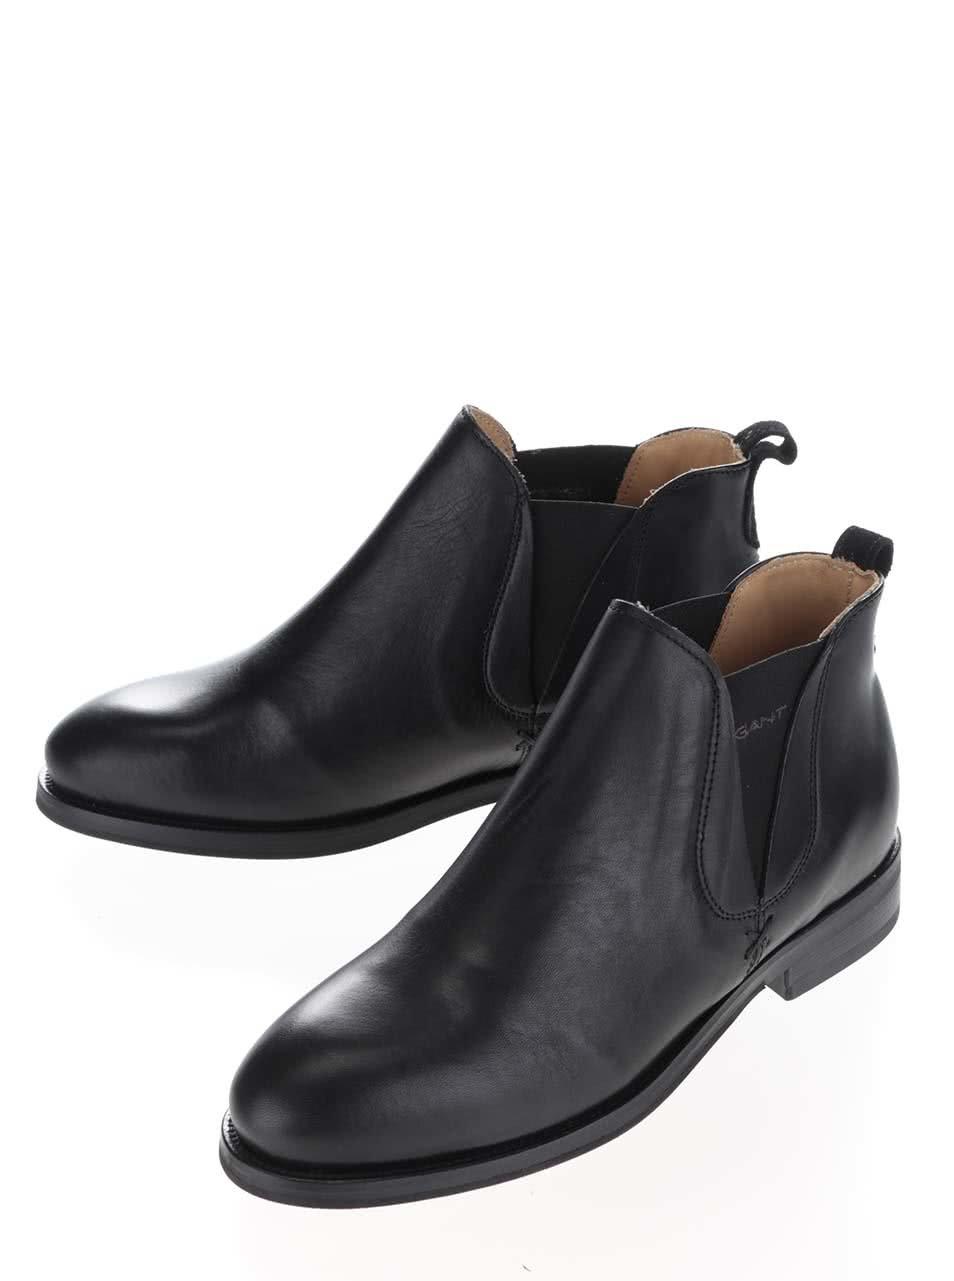 Čierne dámske kožené členkové topánky GANT Avery ... 44dc64a2c70